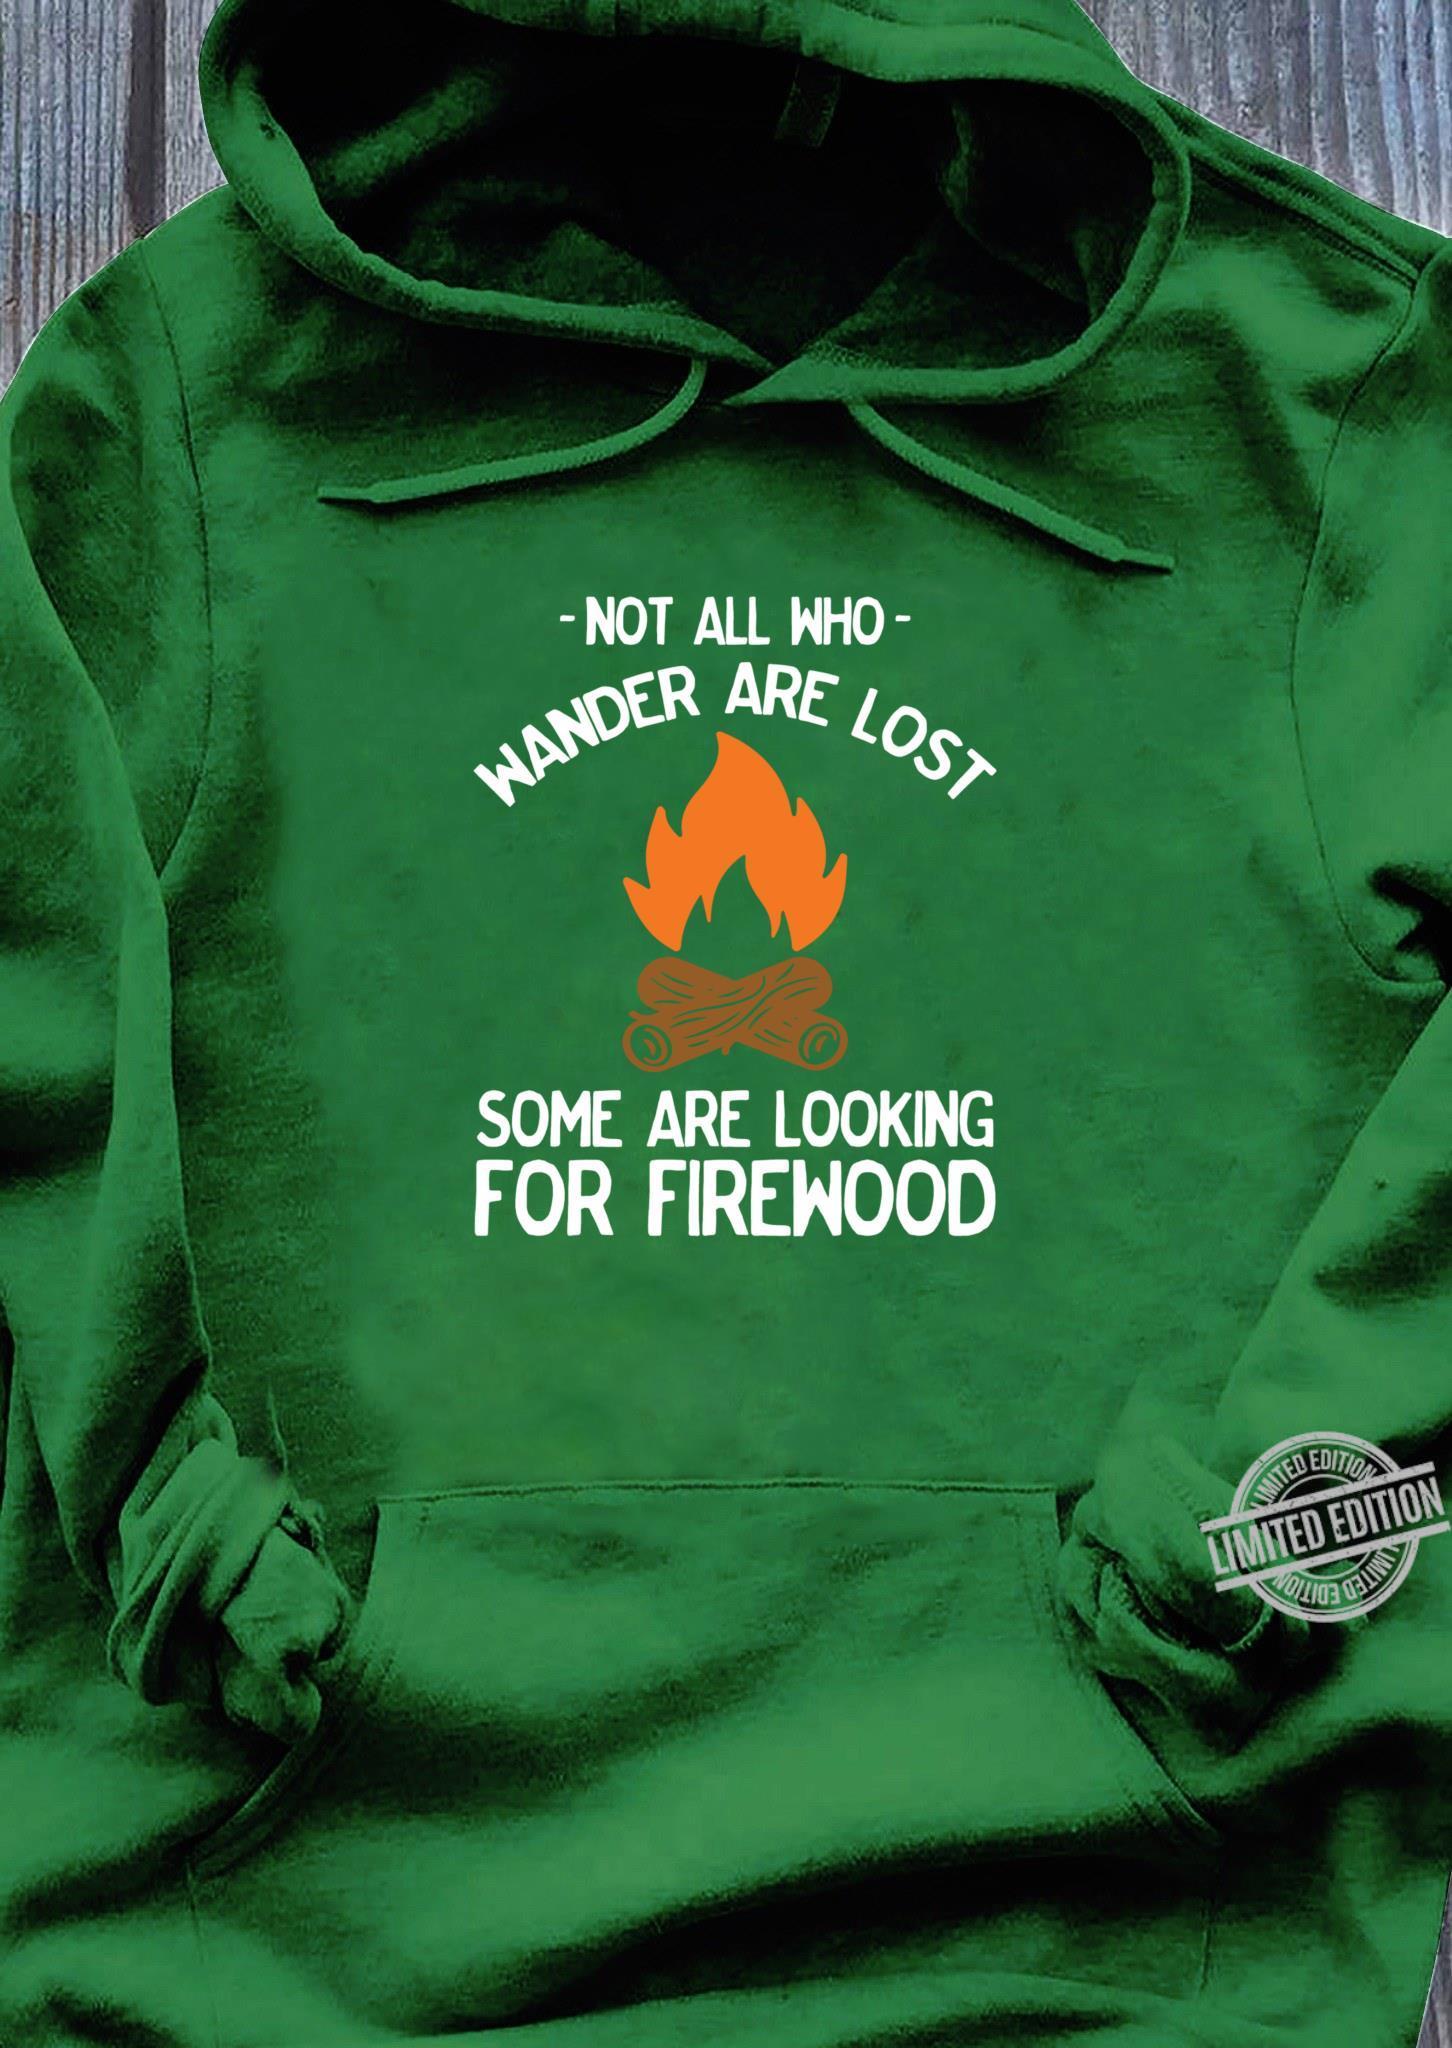 Nicht alle, die wandern, sind verloren Lagerfeuer lustig Shirt hoodie